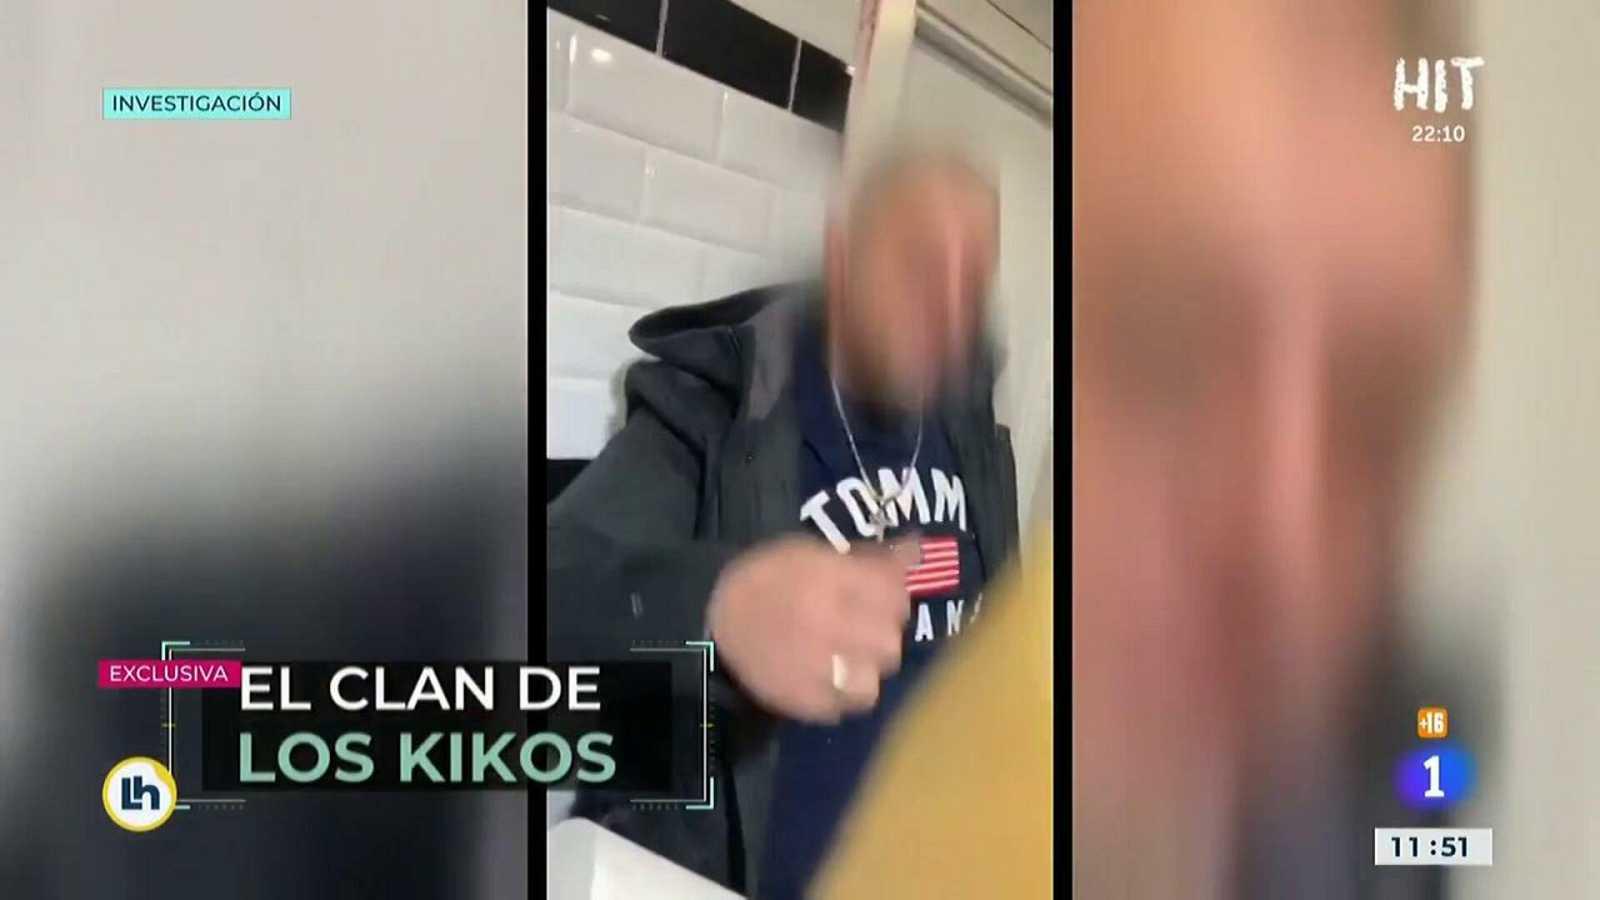 Así operaban los Kikos, los reyes de la droga de Madrid